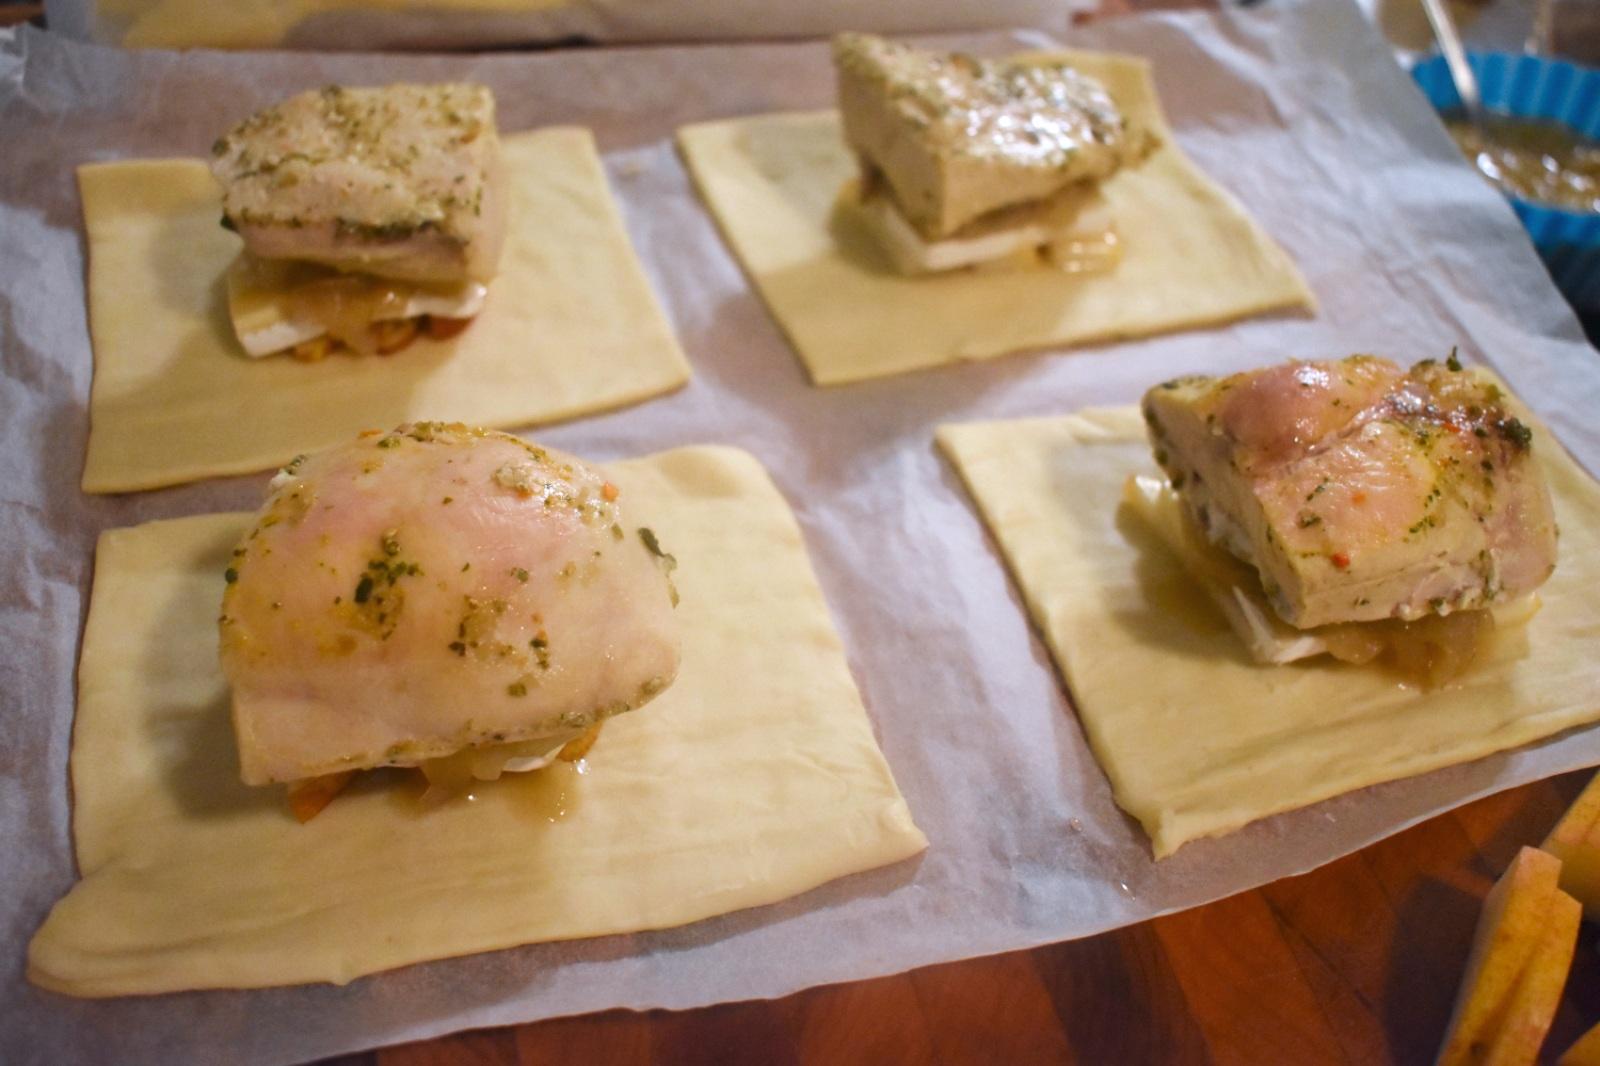 Feuilletés de poulet, brie et poire - Auboutdelalangue.com (6)